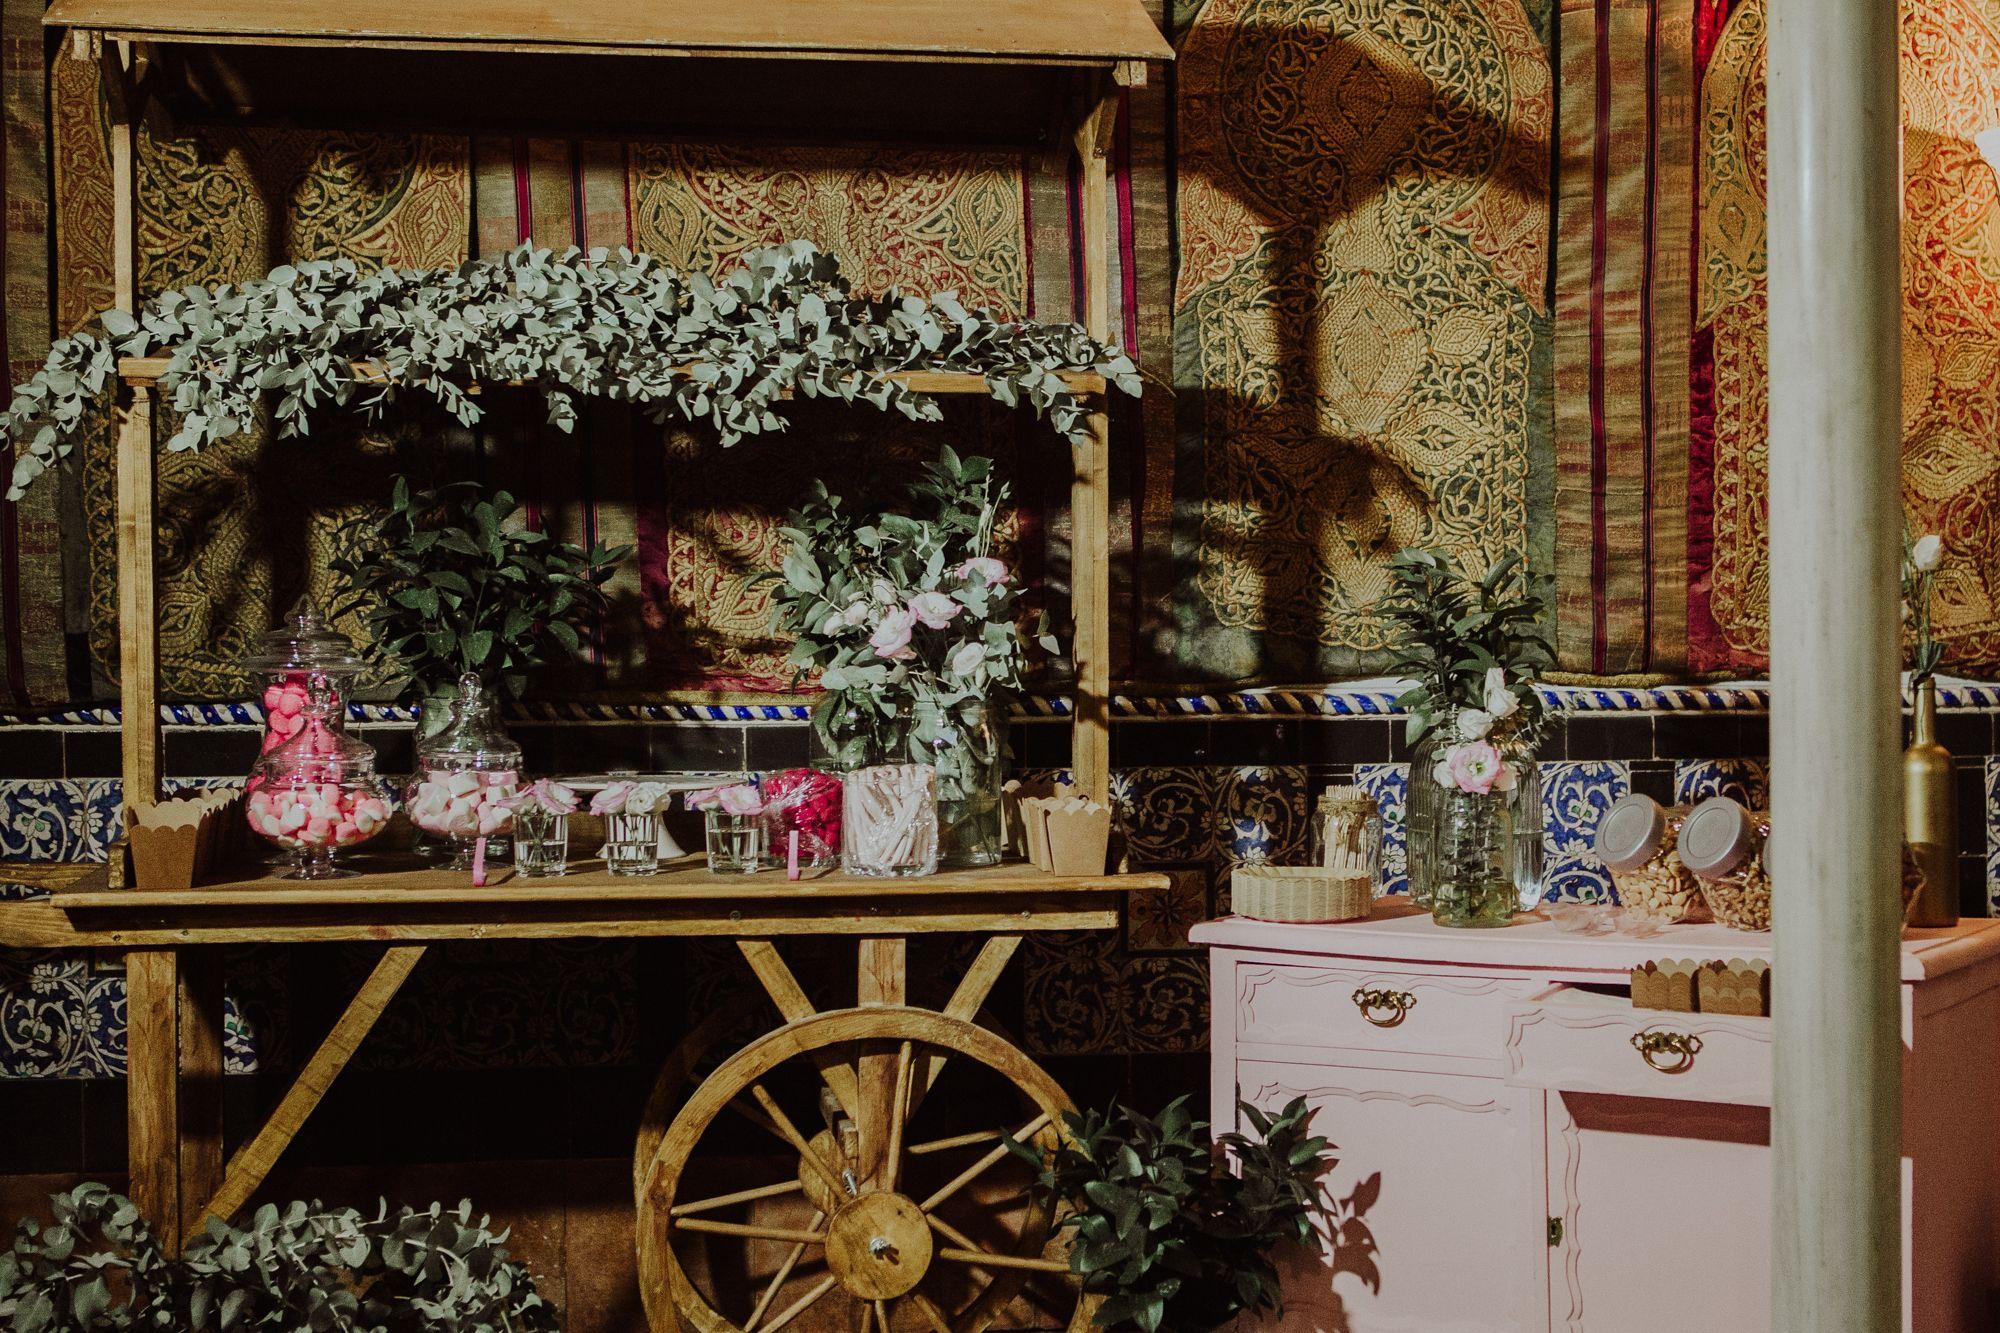 La boda de Amanda y Jorge en Villa Luisa 8